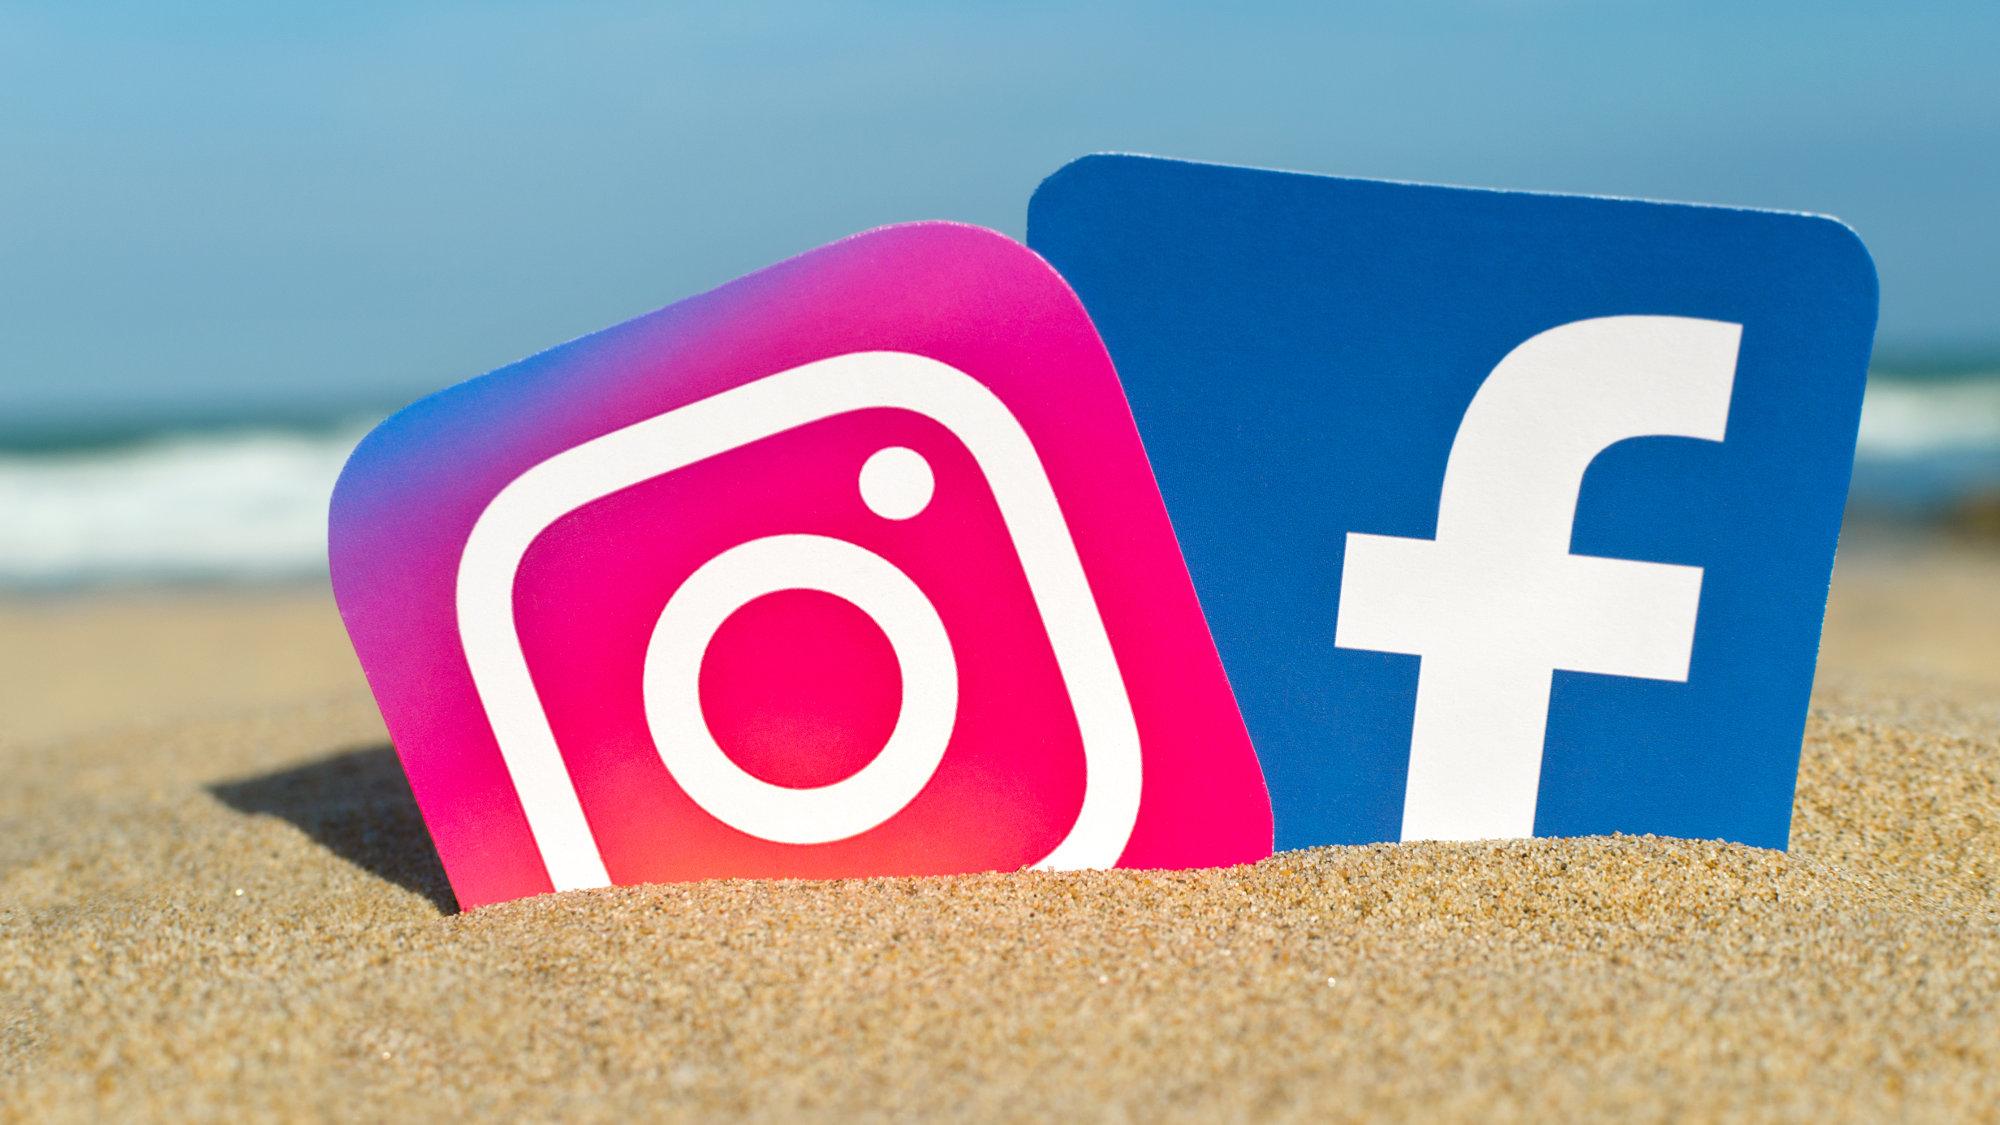 {#instagram-facebook-together}